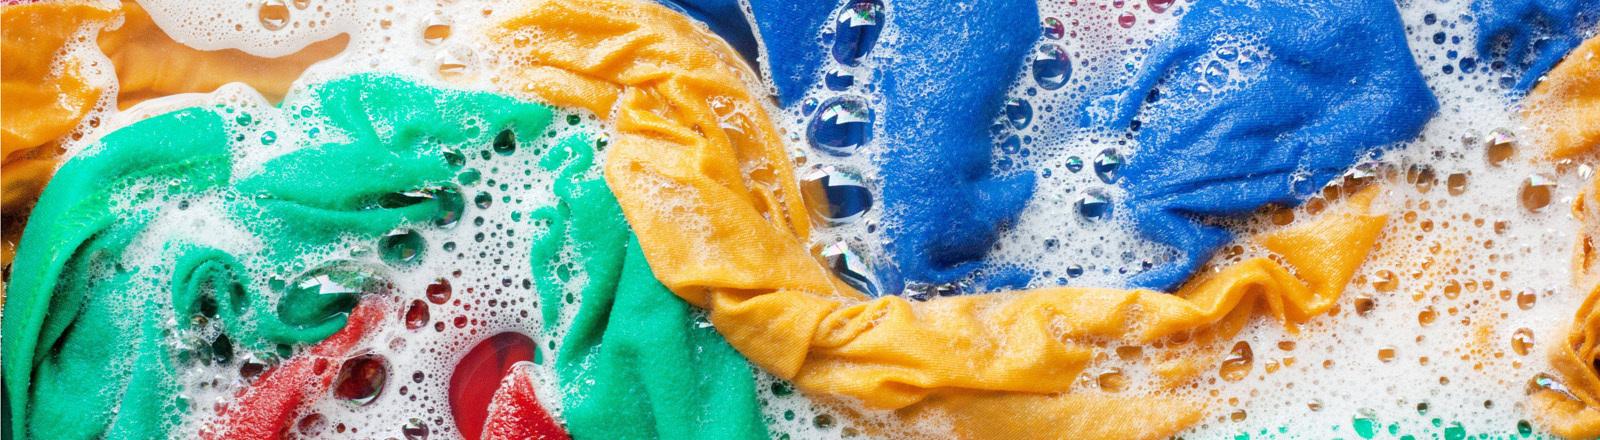 Bunte, nasse Wäsche in Wasser mit Waschmittel.